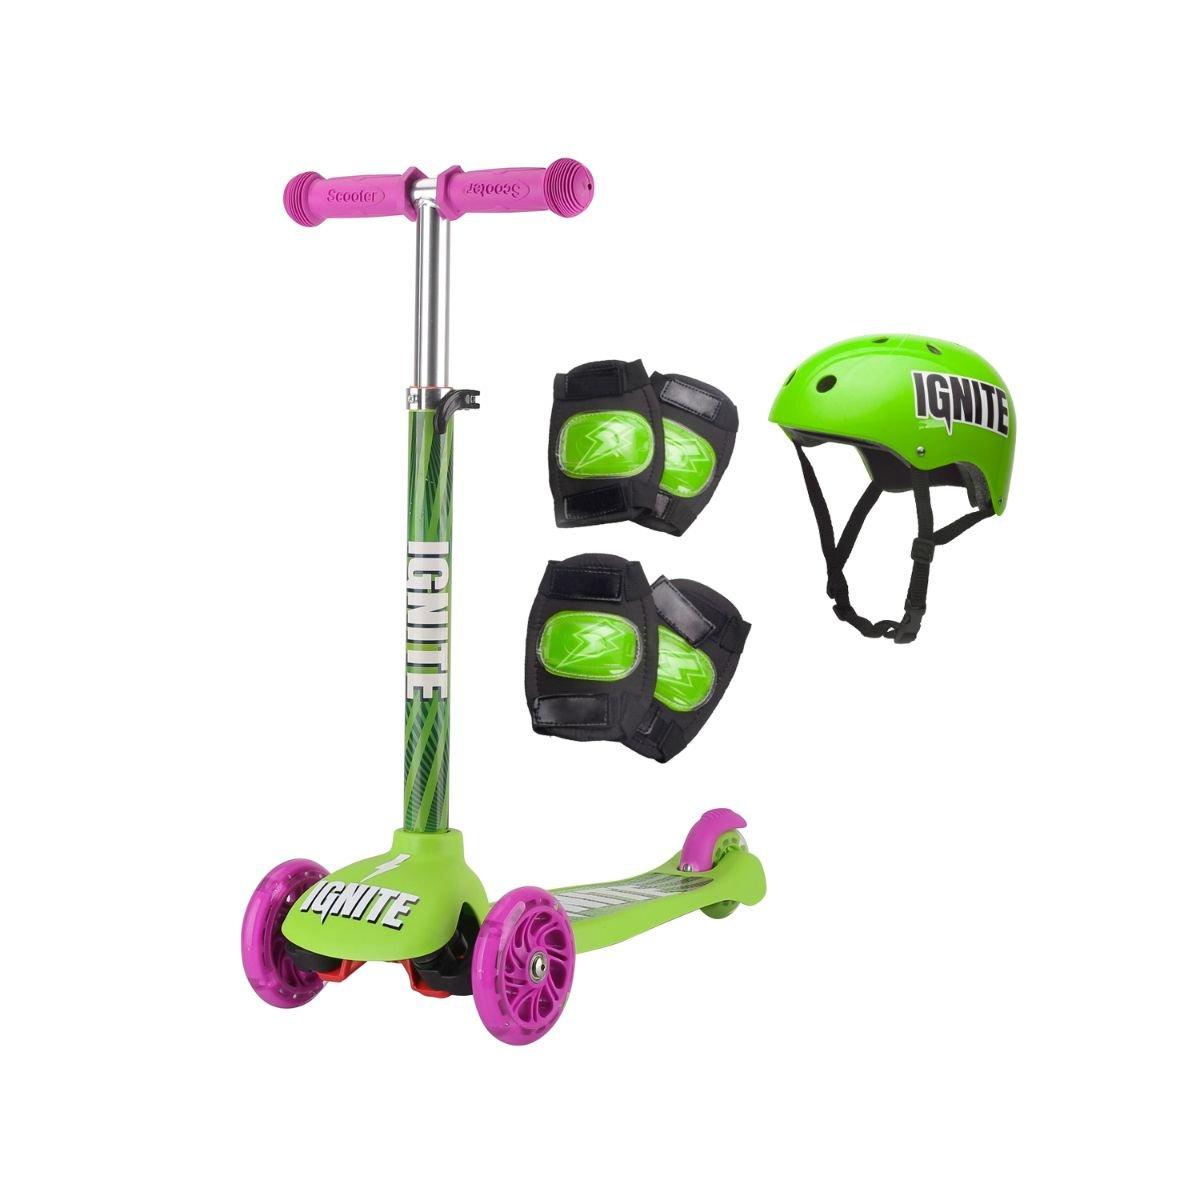 Trotineta cu 3 roti si echipament de protectie Ignite, Verde